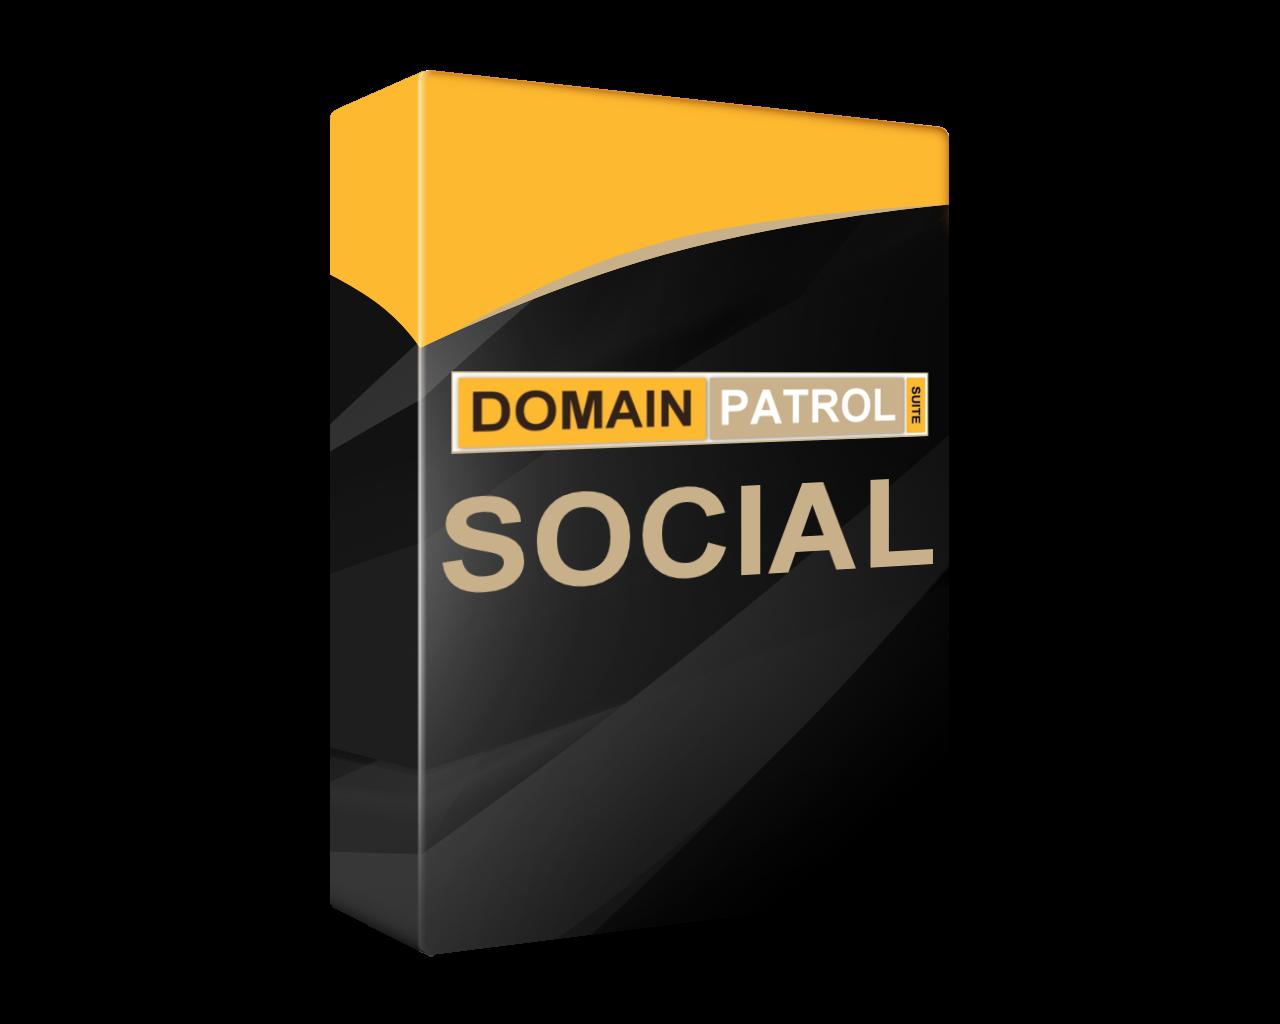 DomainPatrol Social